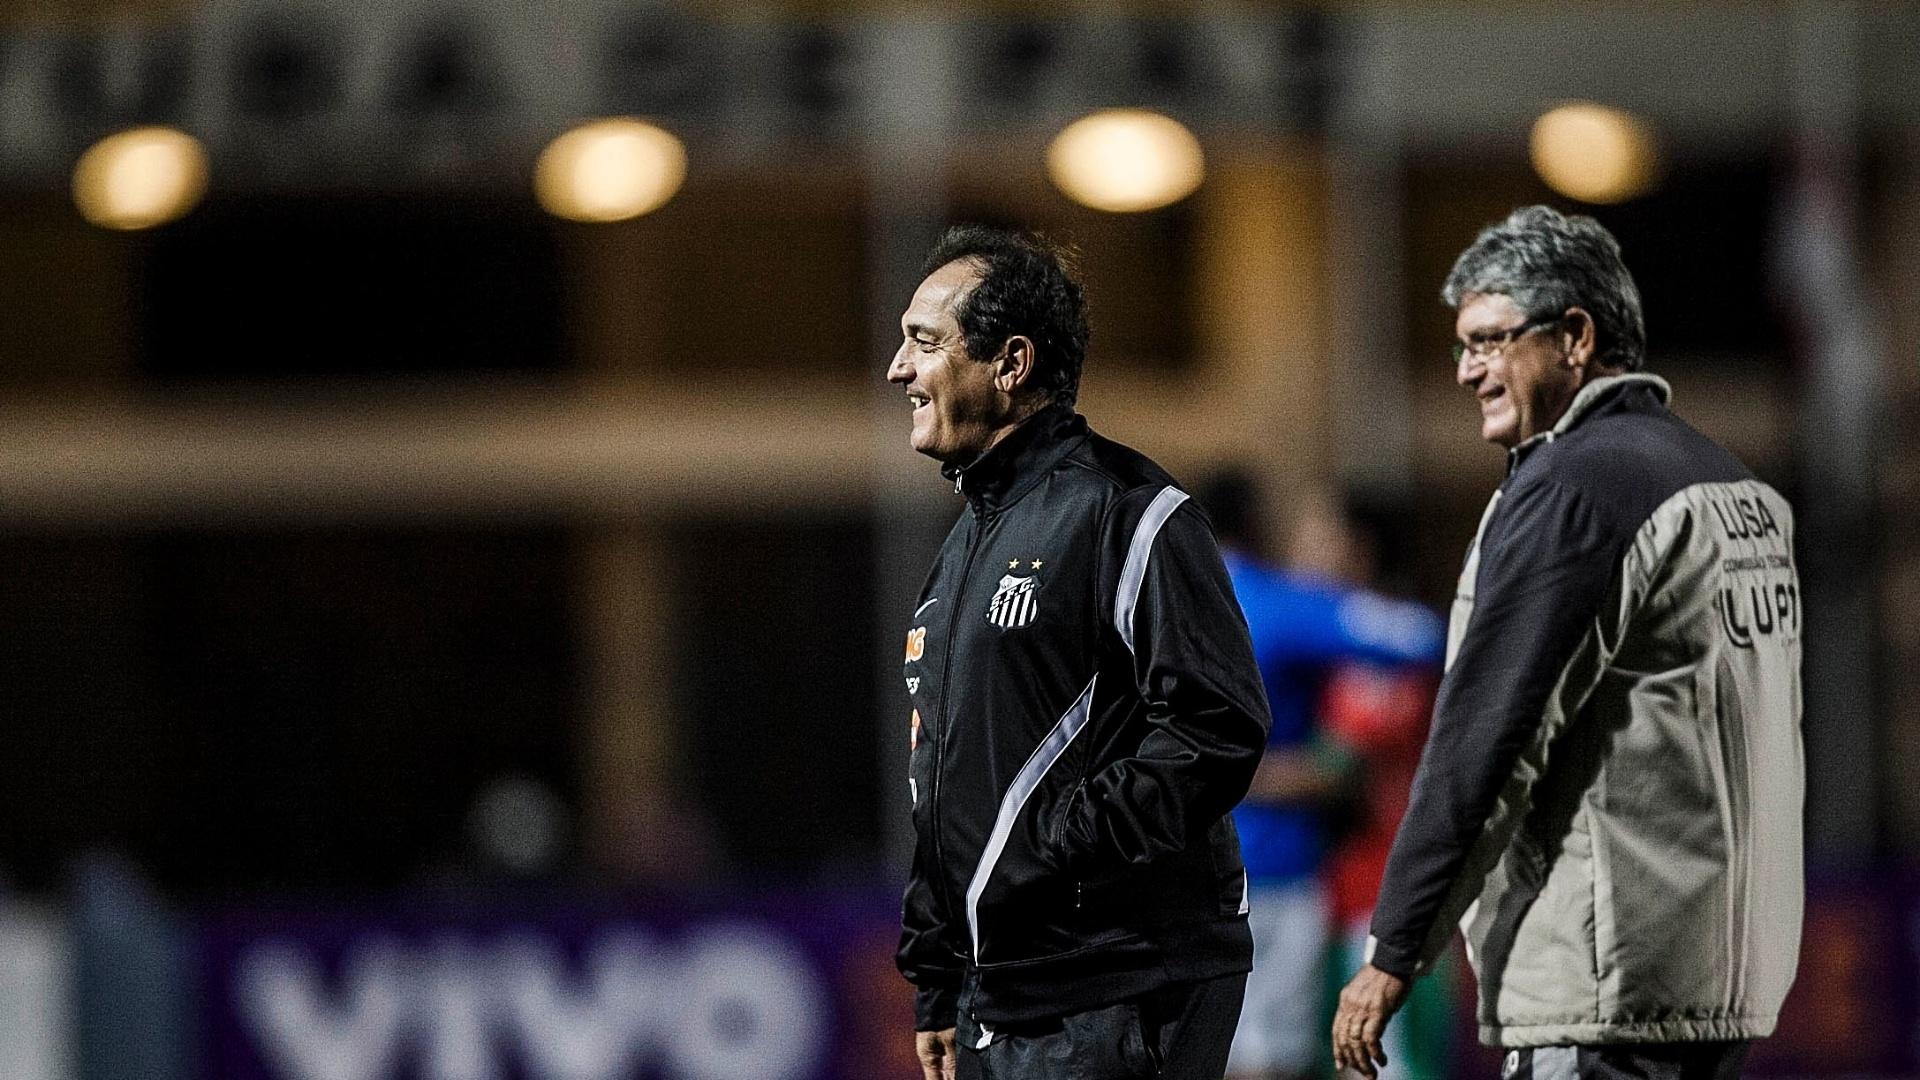 Muricy Ramalho e Geninho, técnicos do Santos e da Lusa, se encontraram antes do clássico no Pacaembu